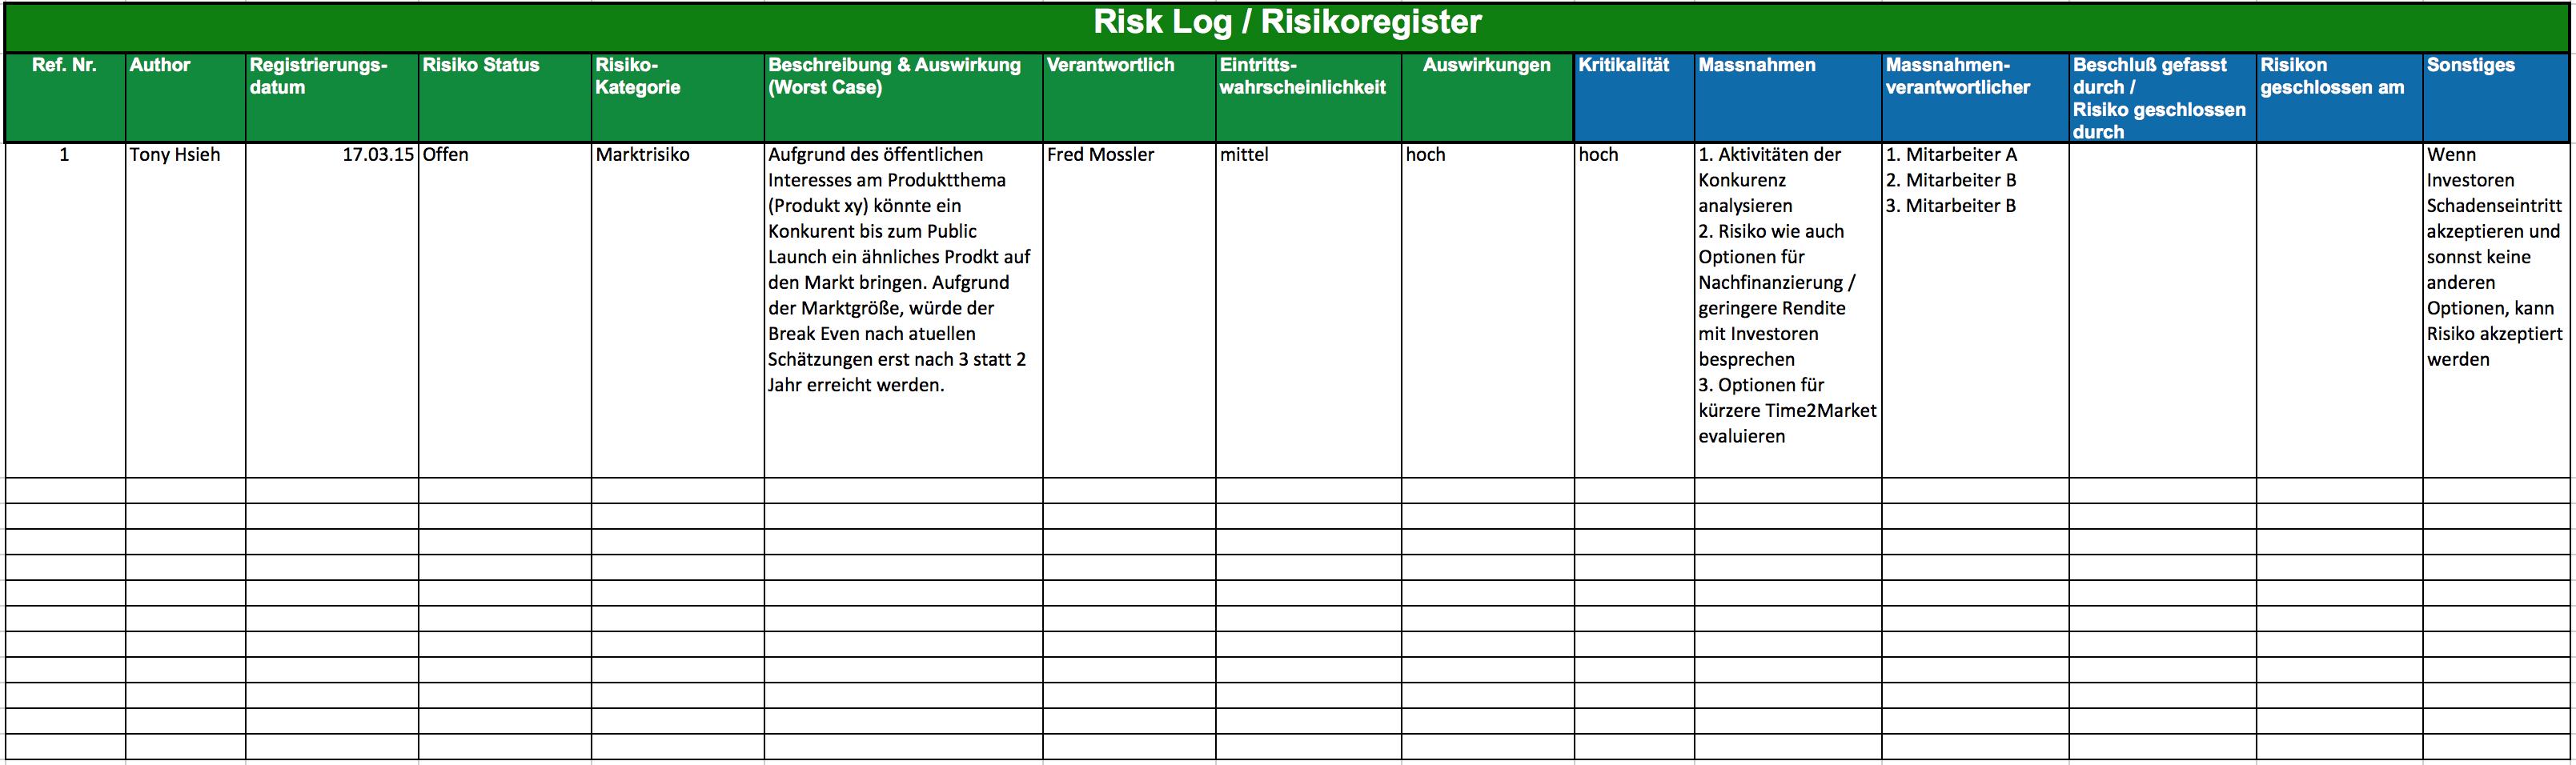 Risikoregister